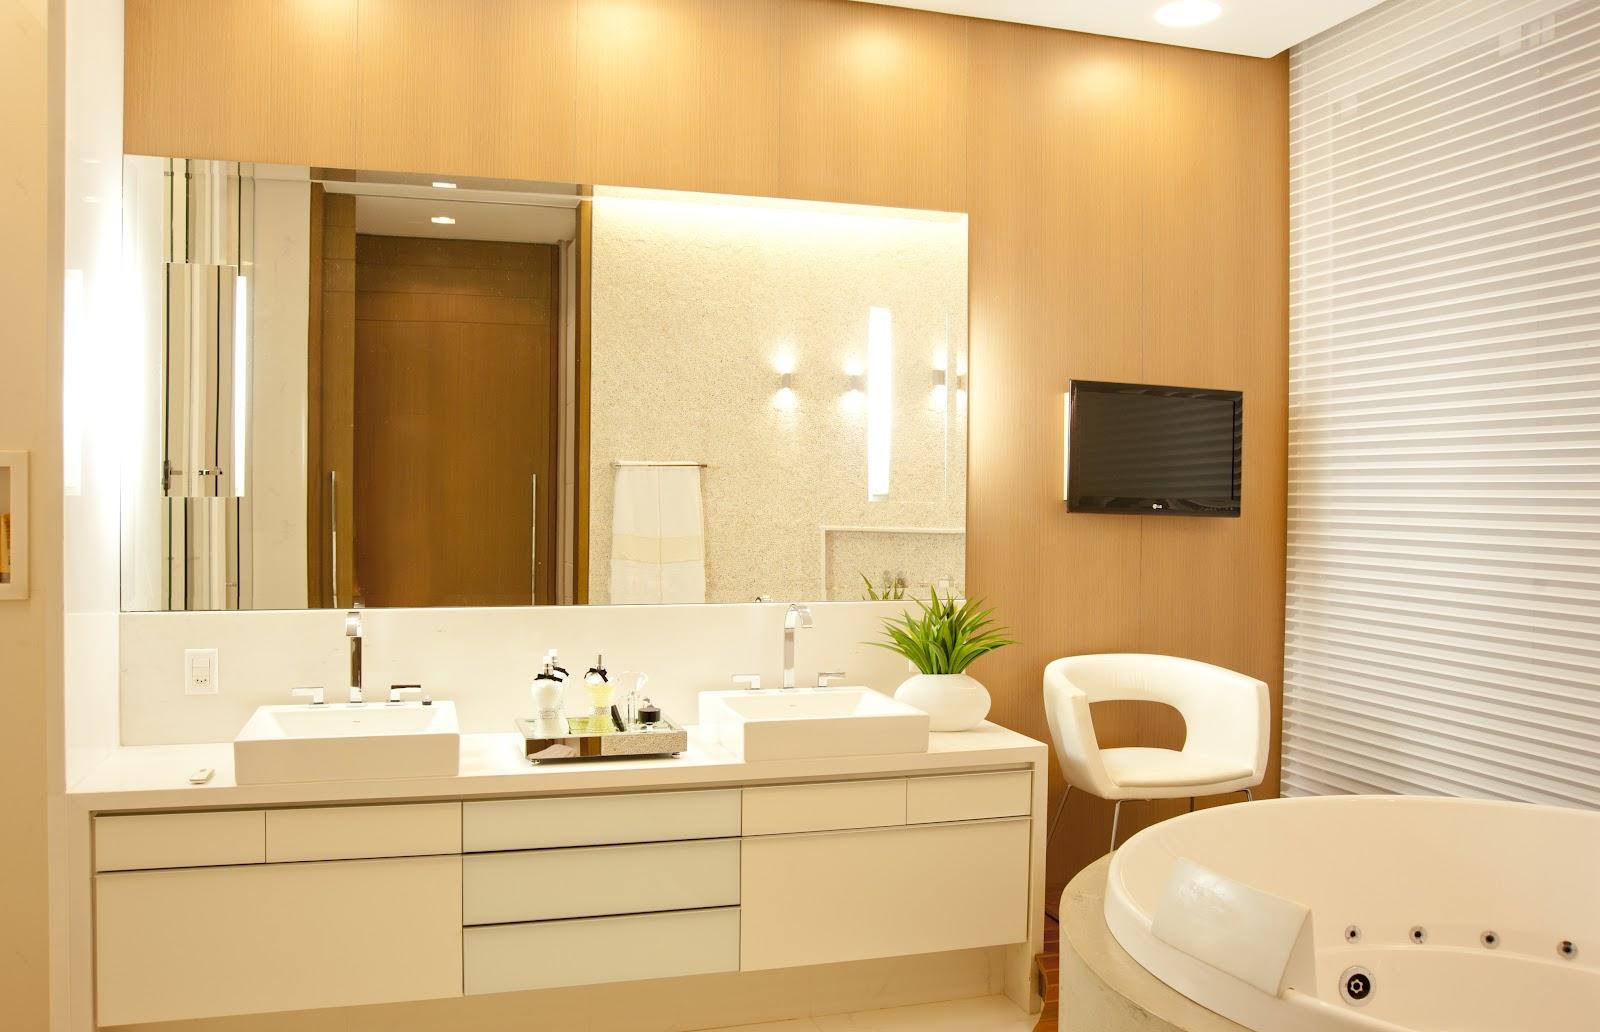 Uma casa perfeita Blog Home Idea #516005 1600x1032 Banheiro Casal Suite